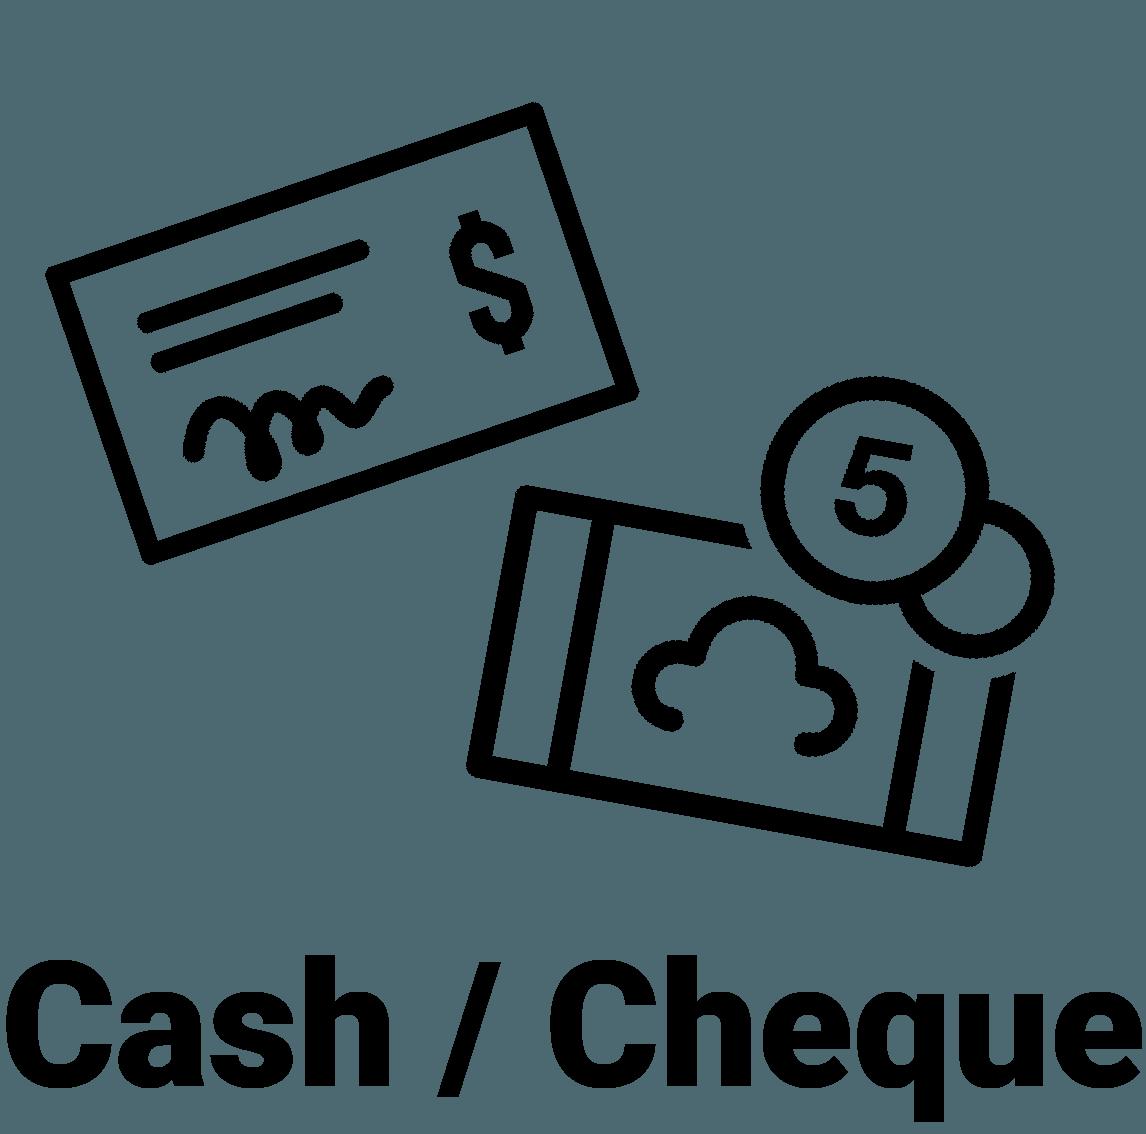 Cash/Cheque